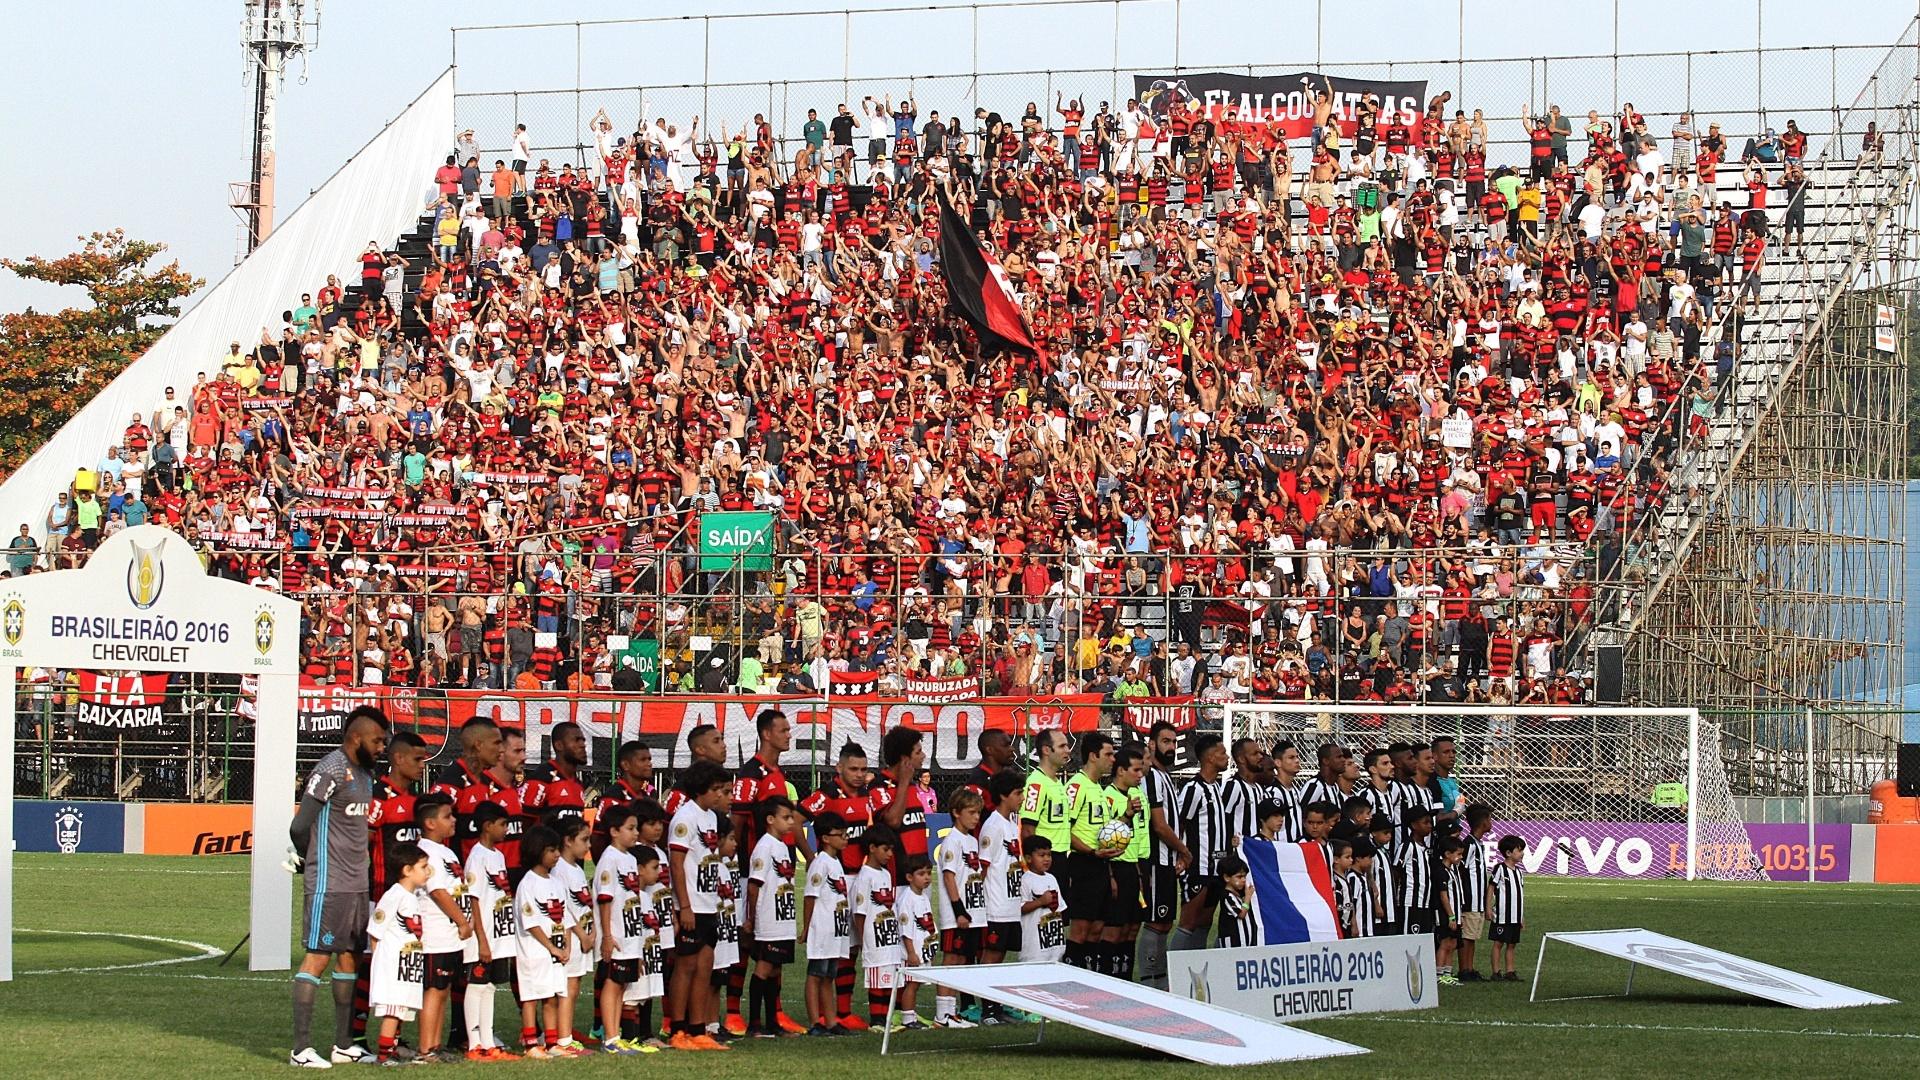 O Flamengo atuou uma vez na Arena da Ilha em 2016. Estádio agora é a 'casa rubro-negra'